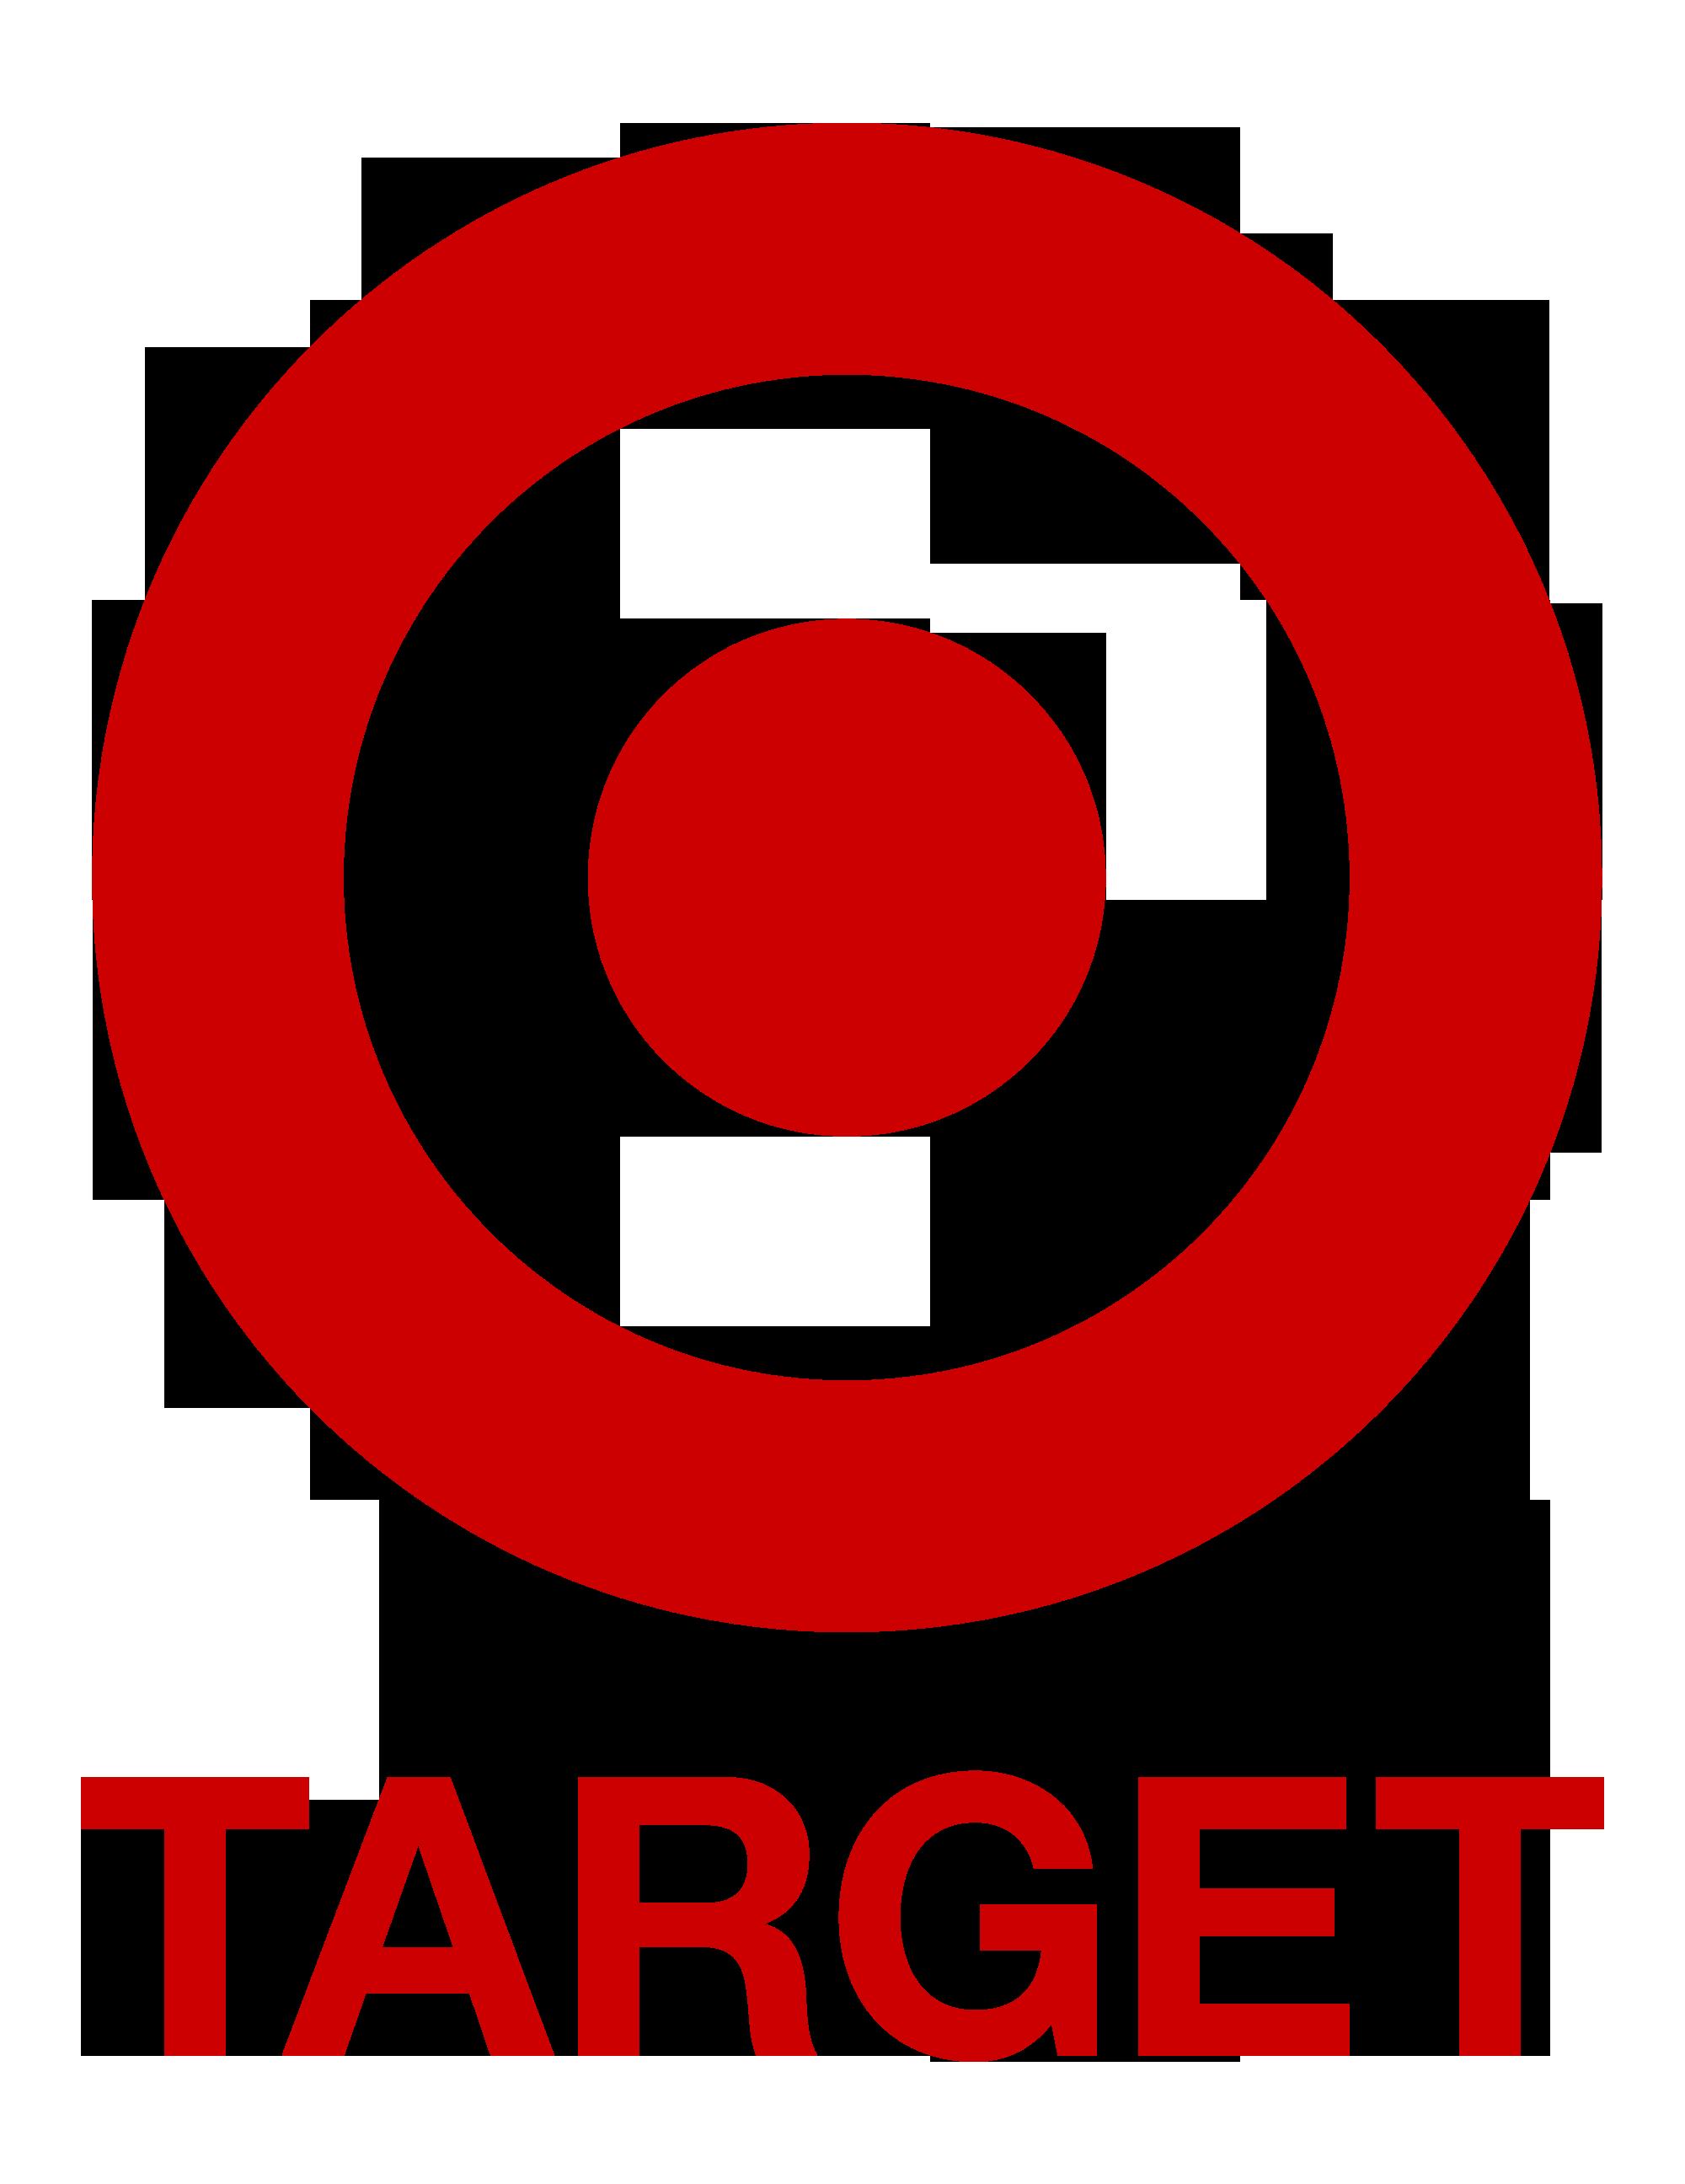 Target Logo PNG Image